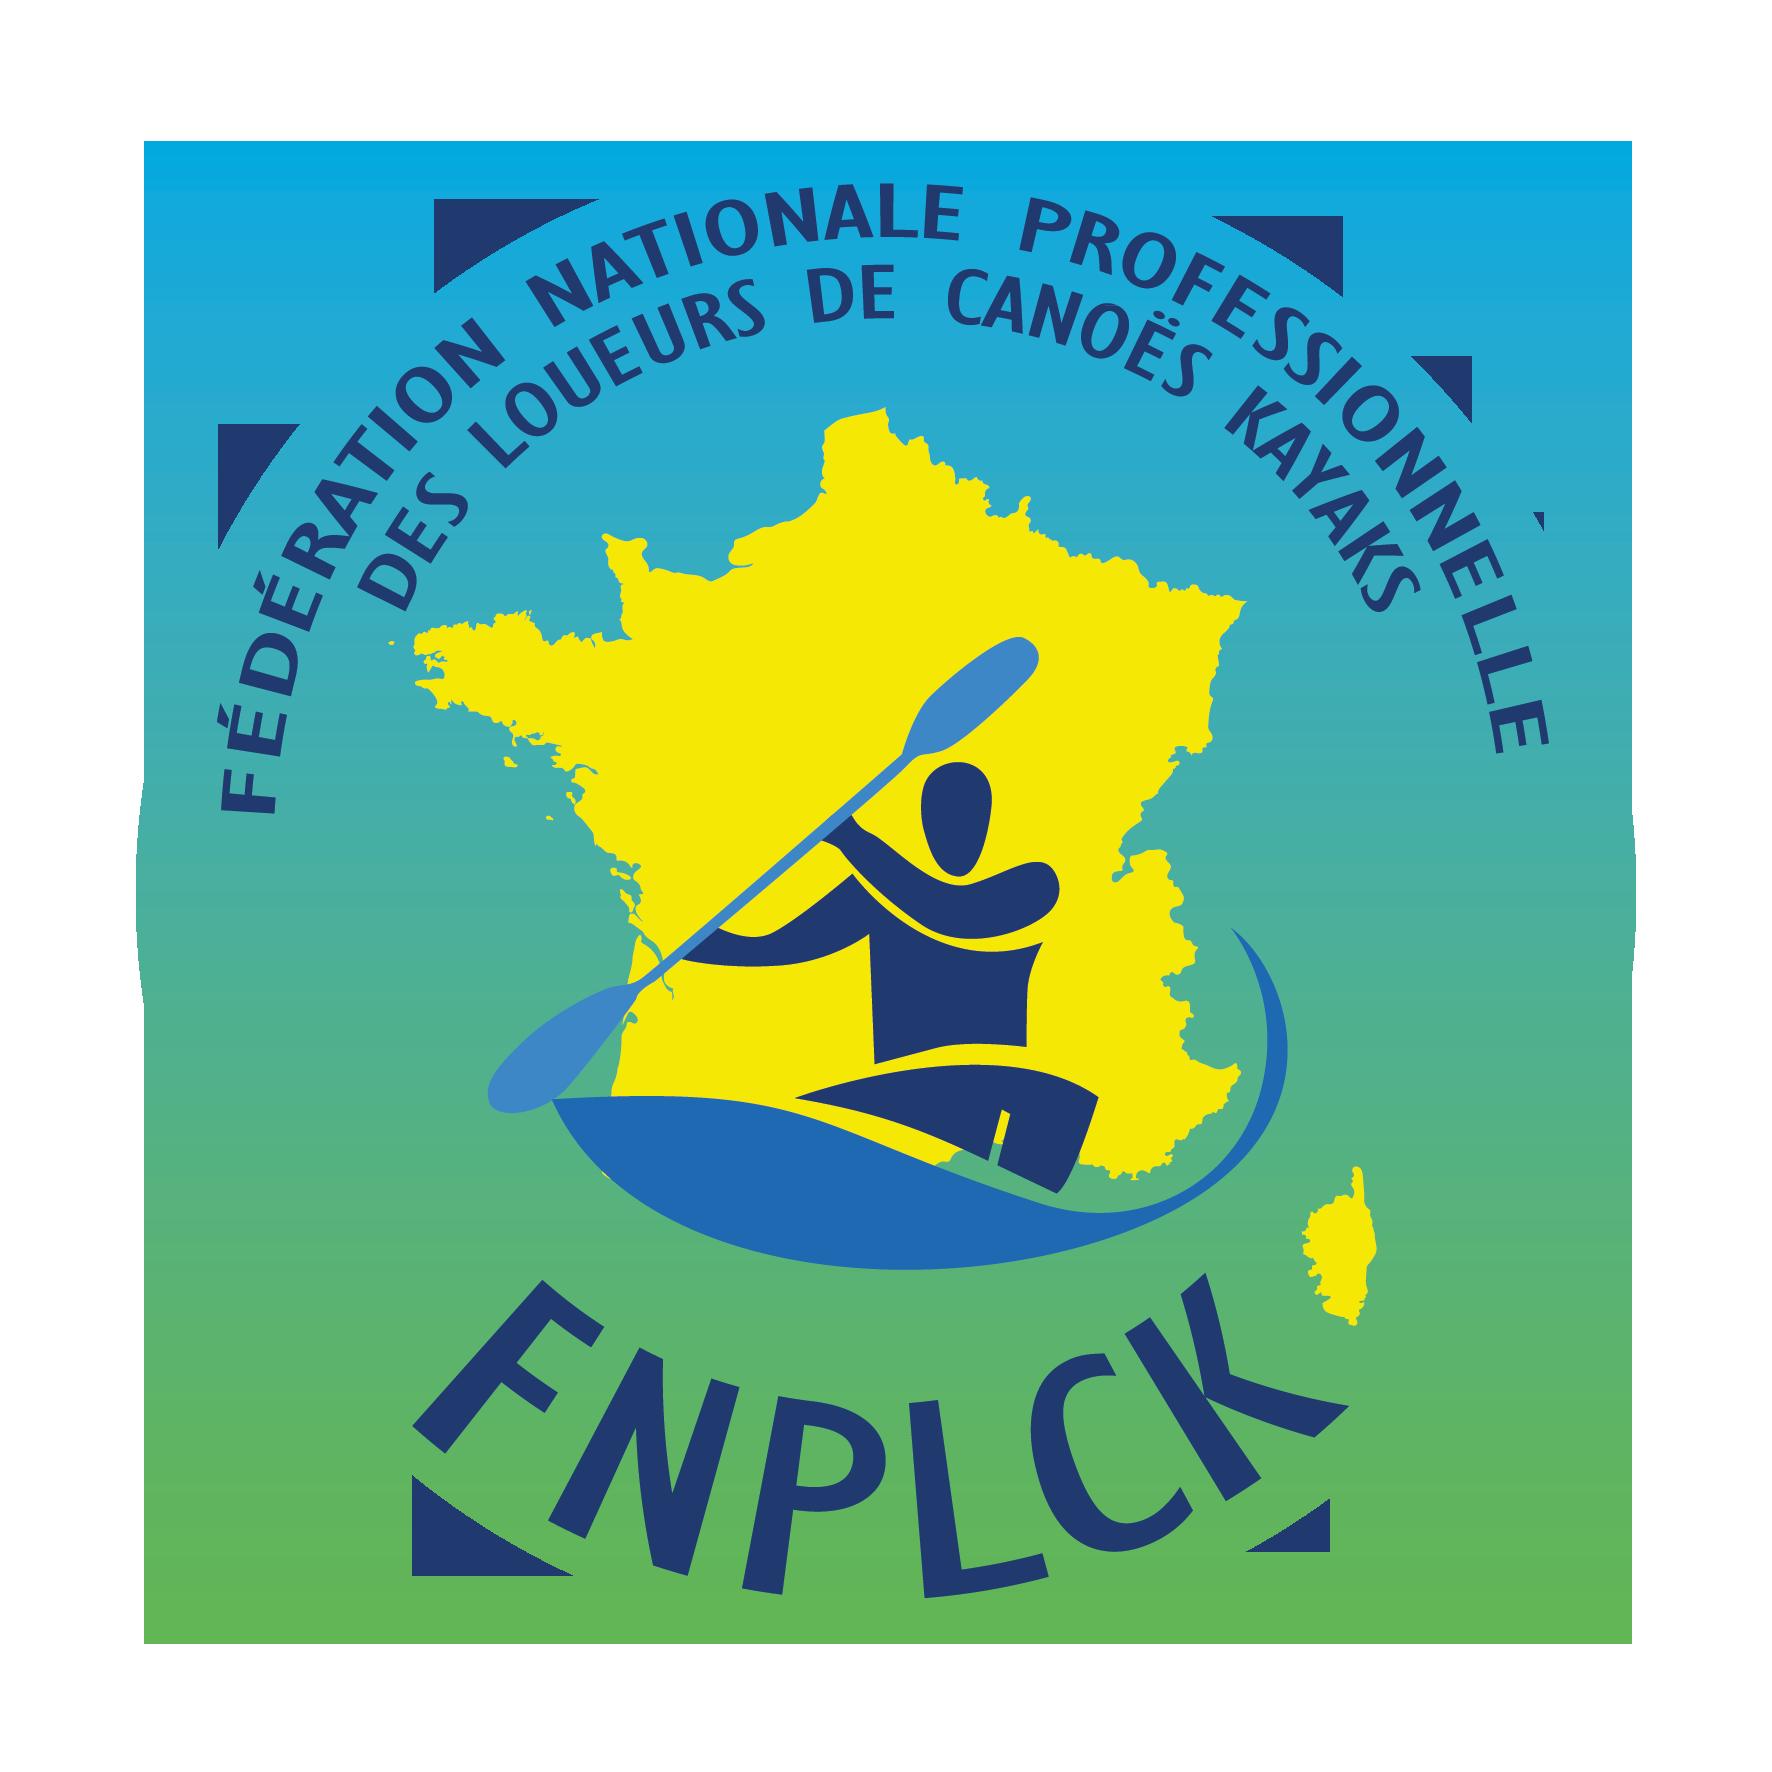 fnplck